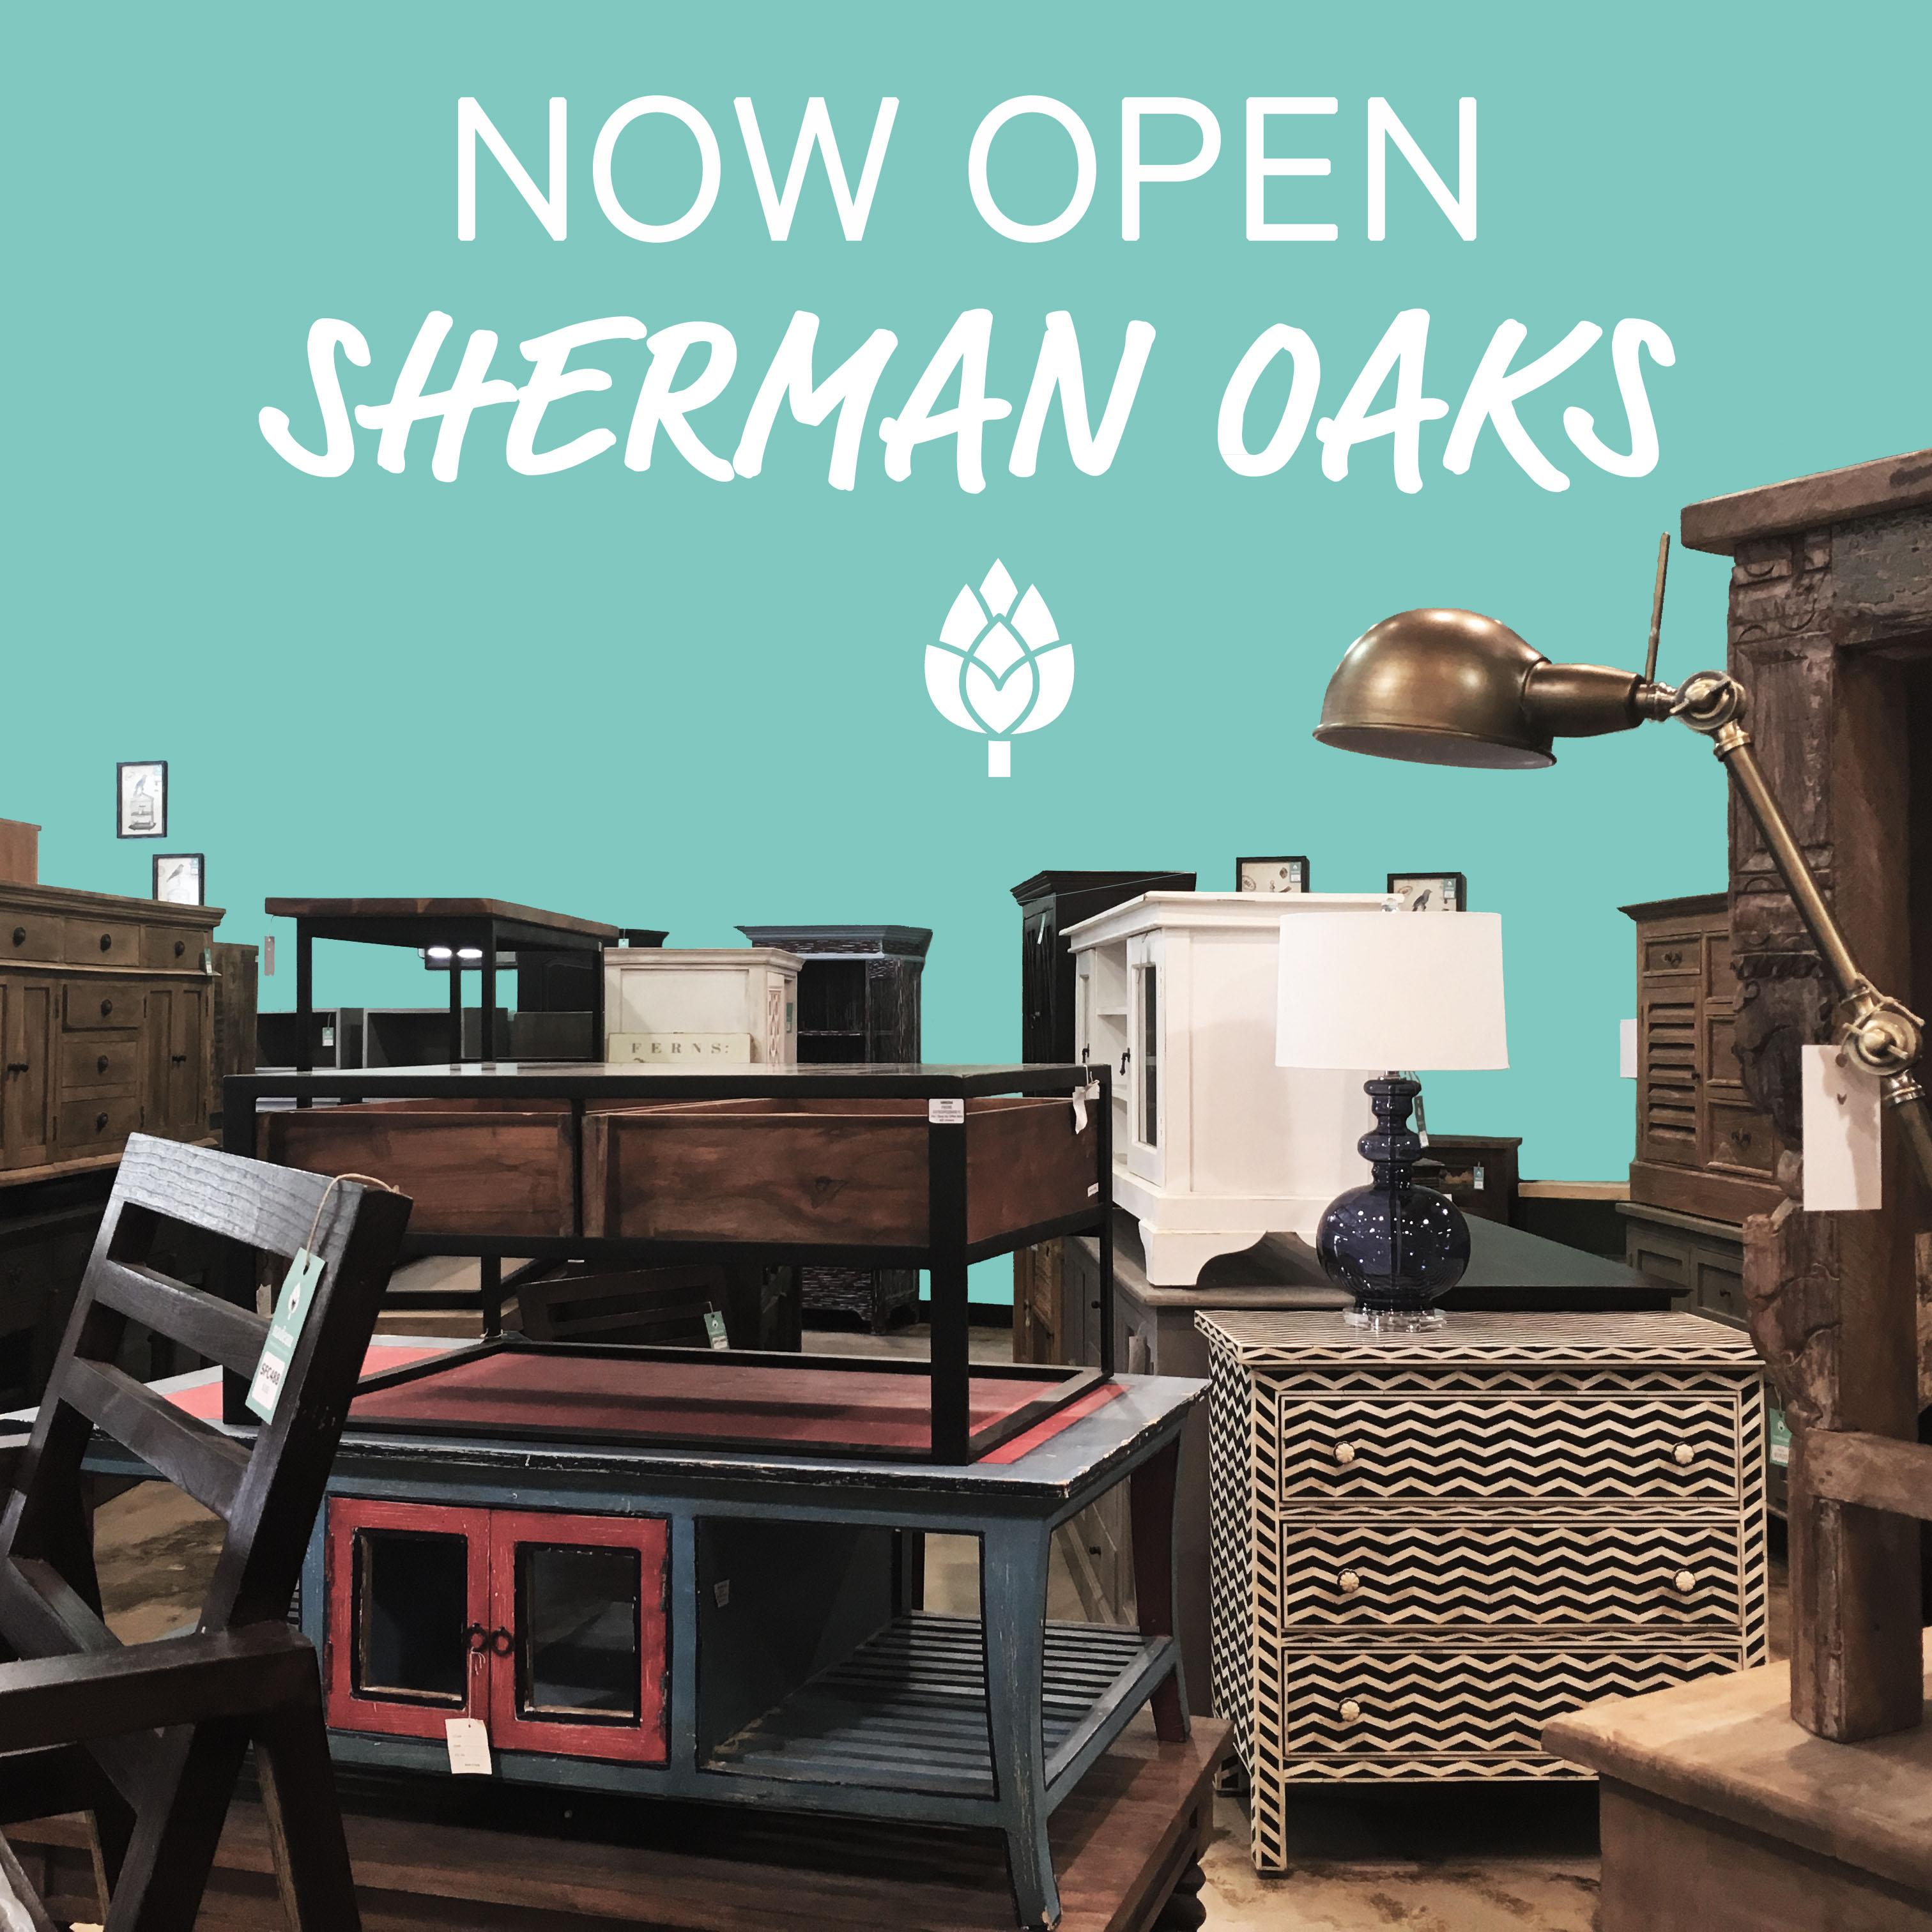 Nadeau Sherman Oaks - Now Open!